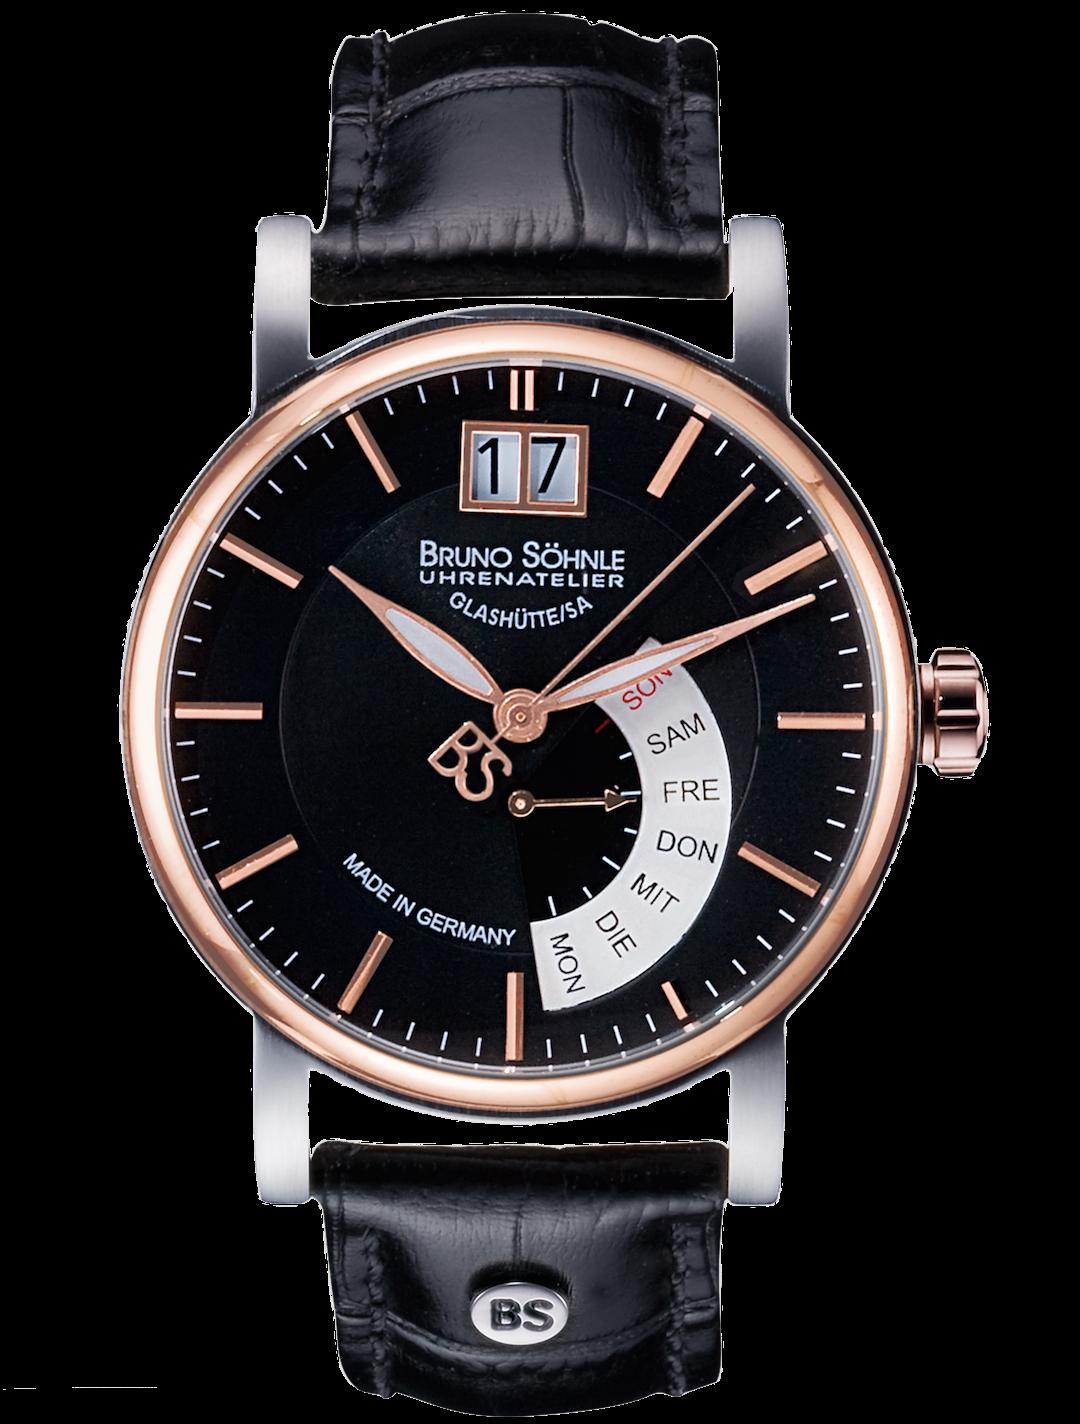 Bruno Söhnle Uhr mit schwarzem Zifferblatt